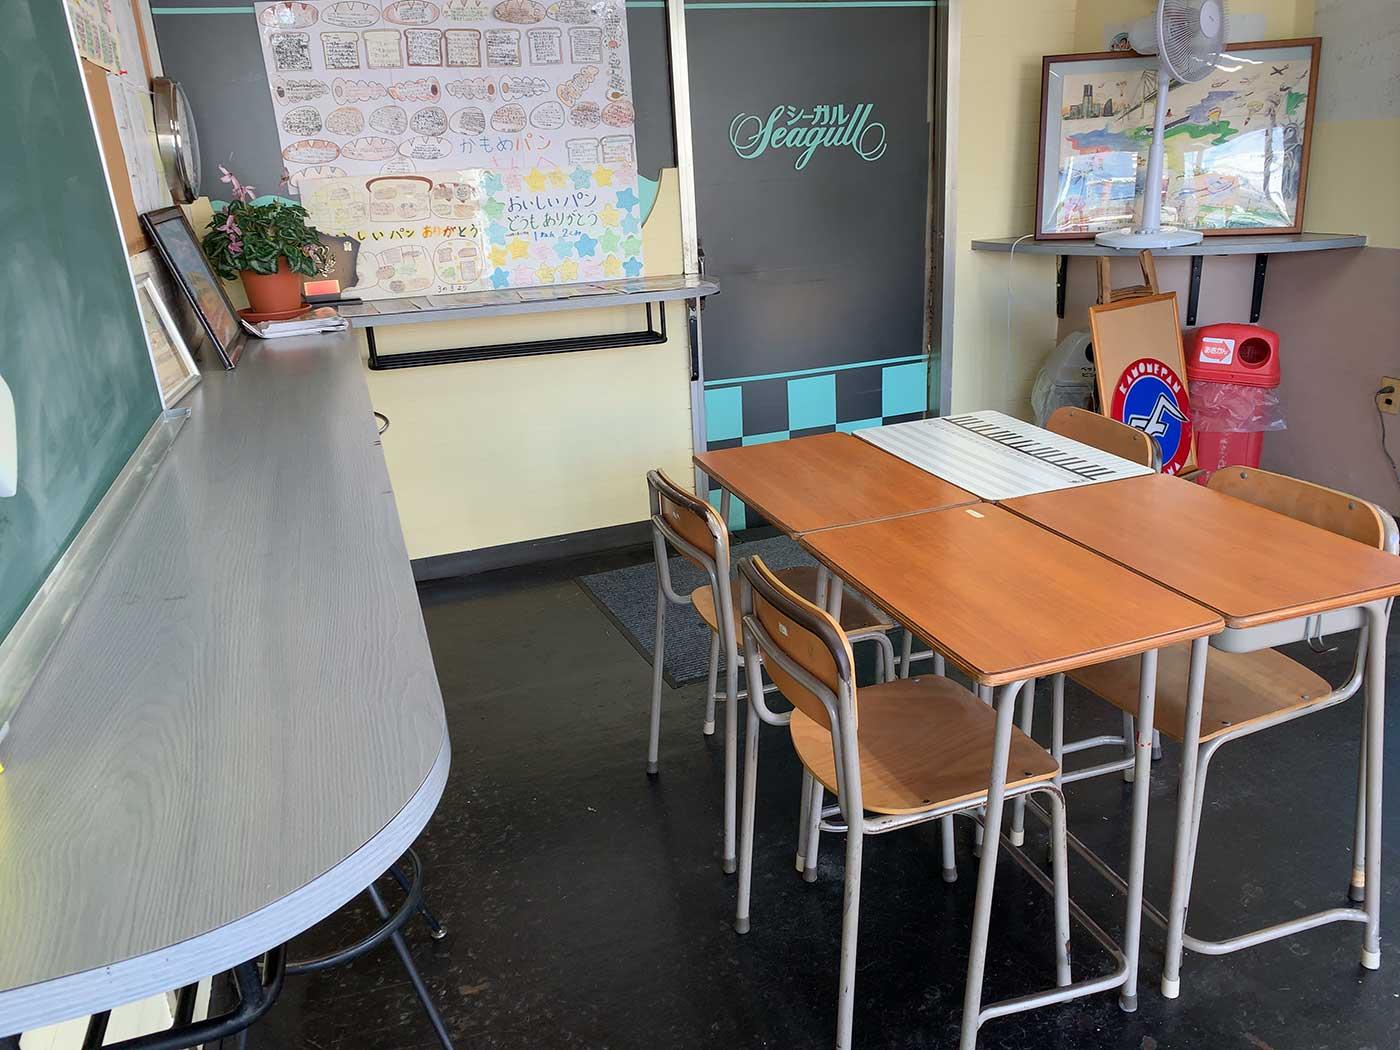 学校の机と椅子を使ったイートインスペース